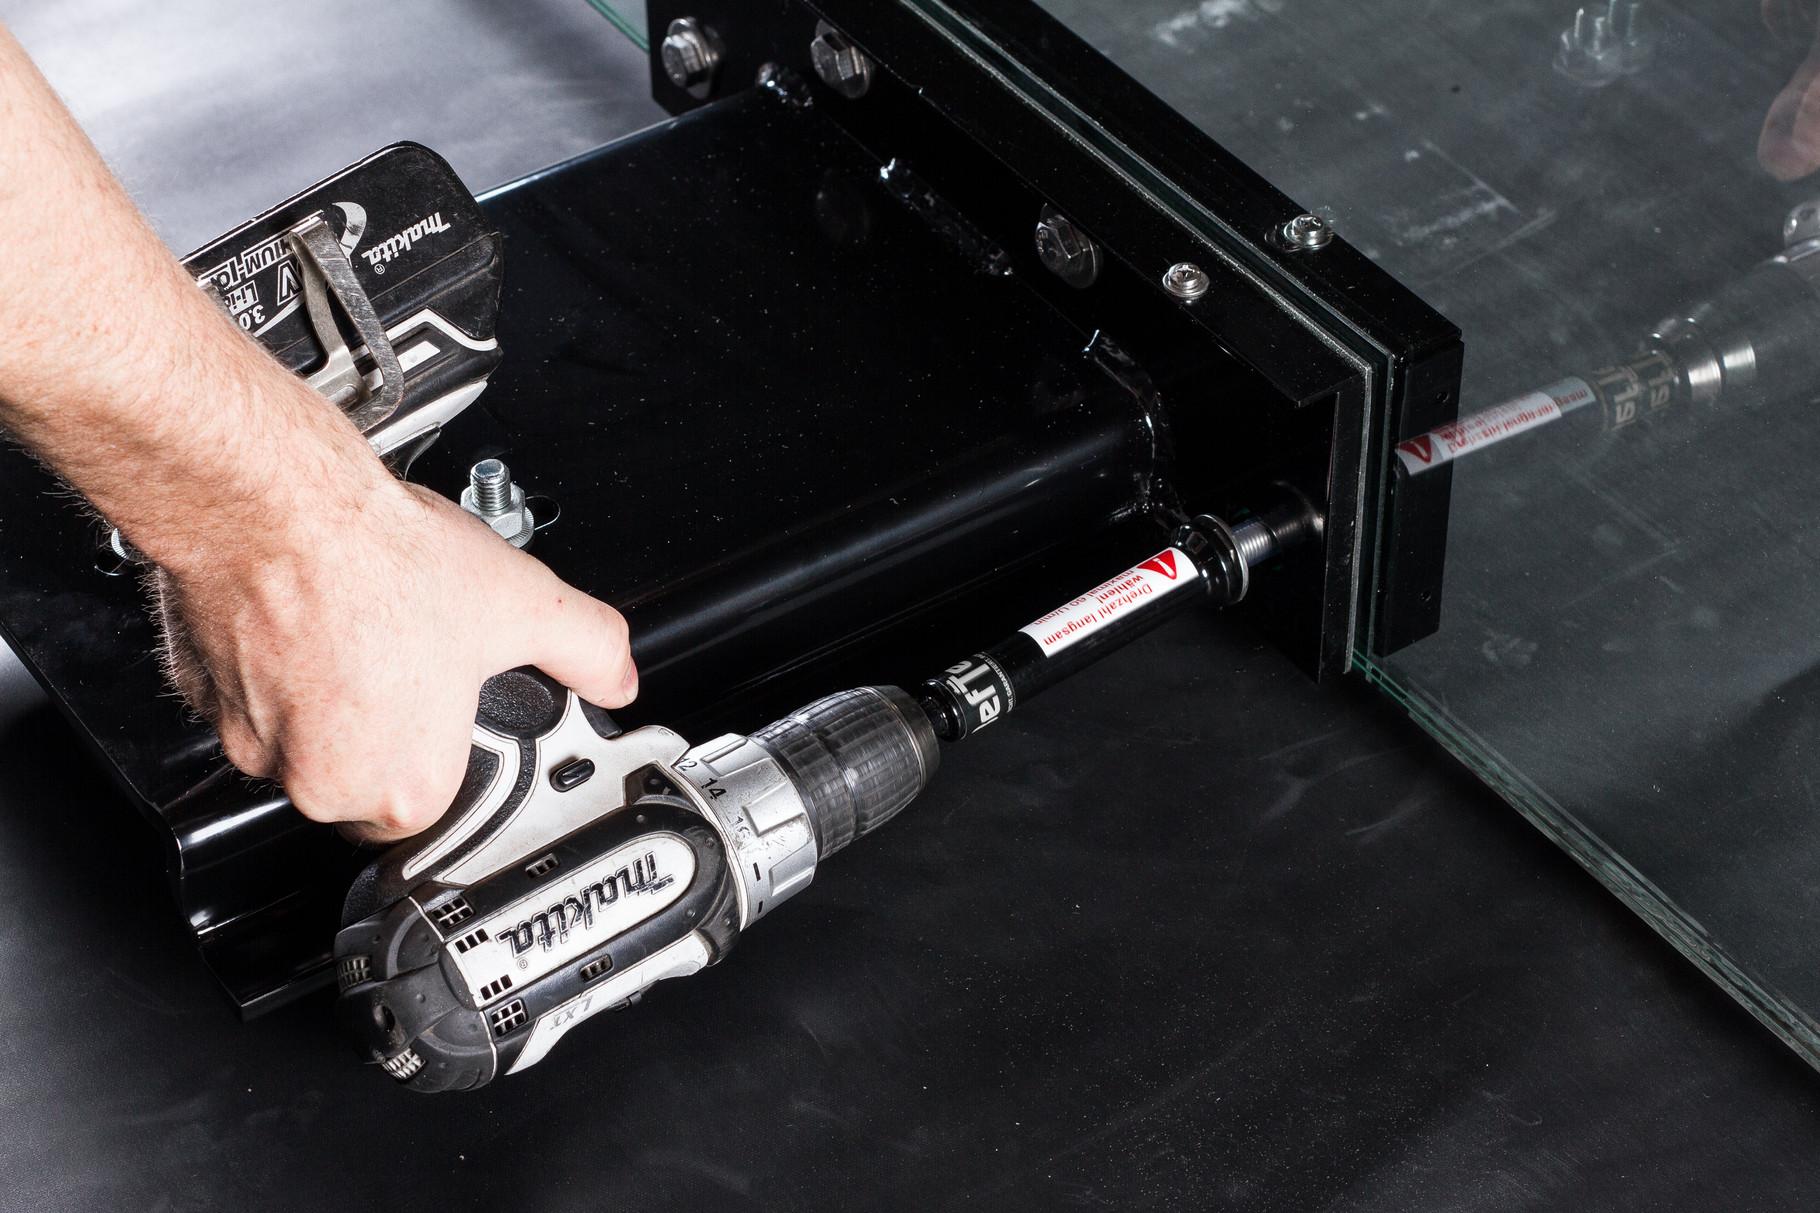 Mit dem Steckschlüssel 17 (BefTec Montagekoffer) die Gegenplatte festschrauben.